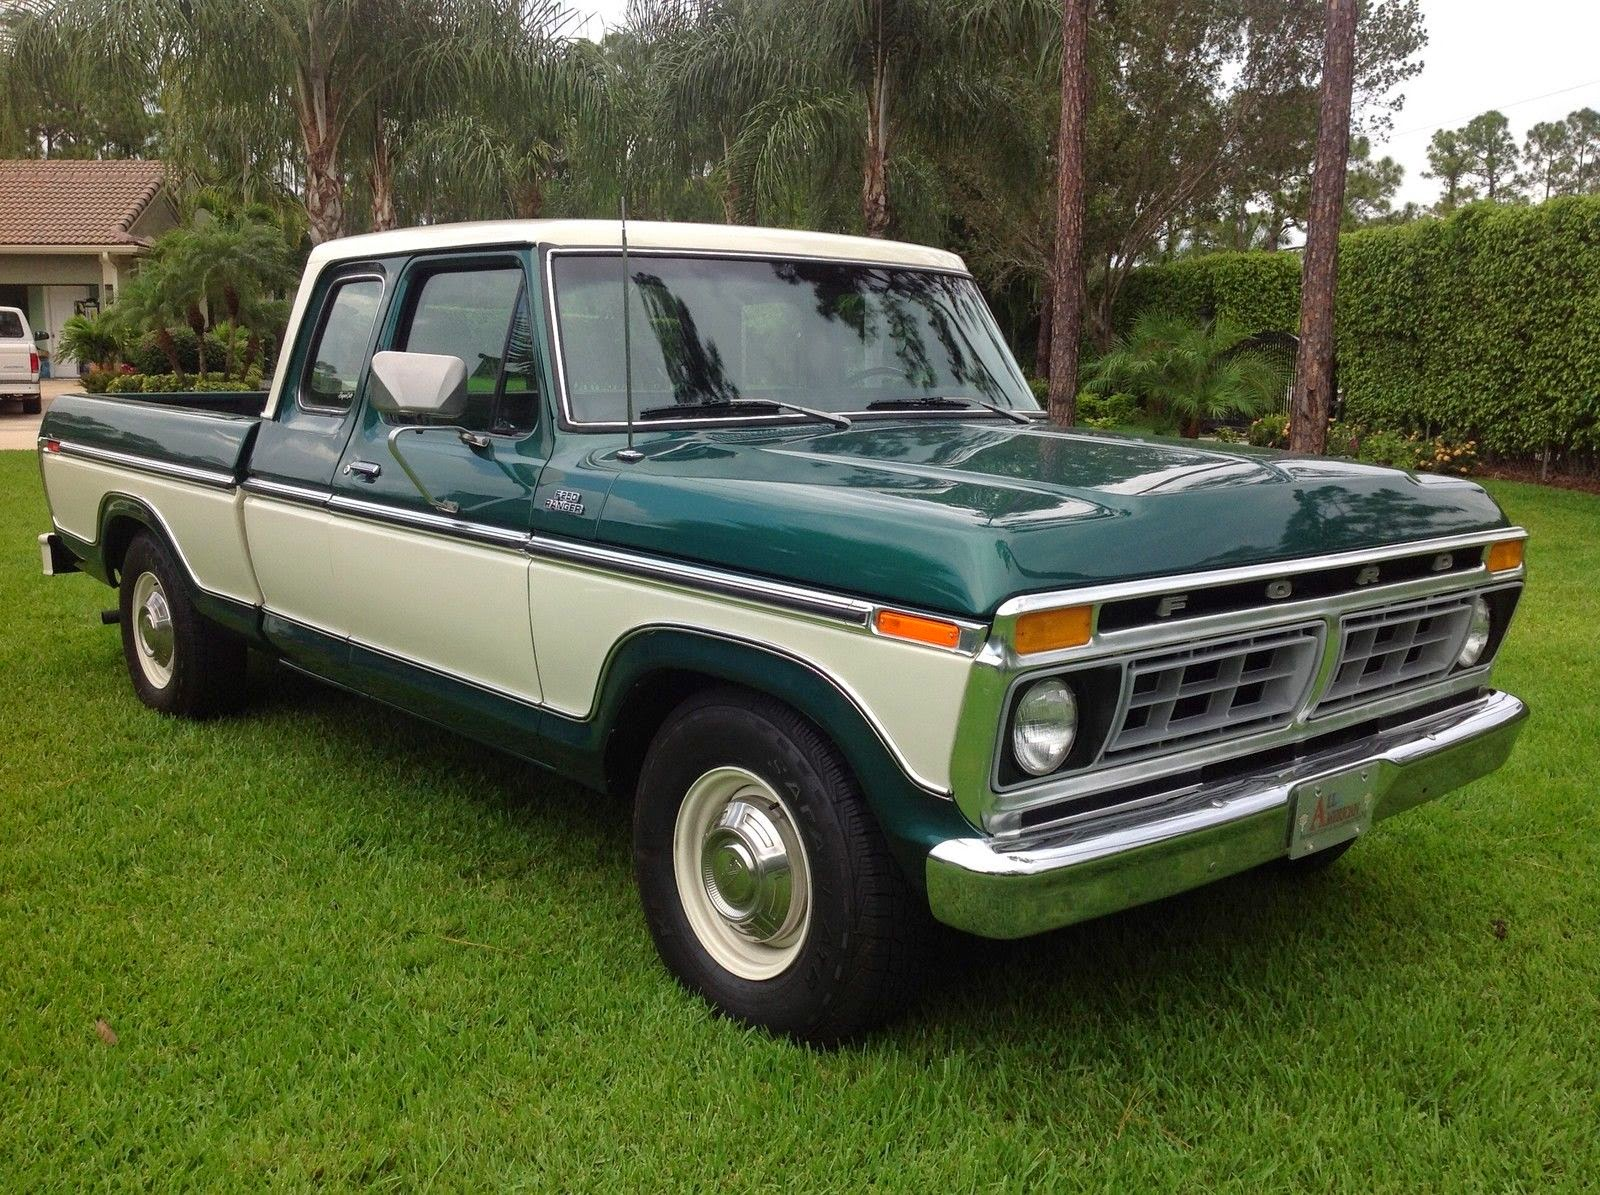 1977 ford pick up truck. Black Bedroom Furniture Sets. Home Design Ideas